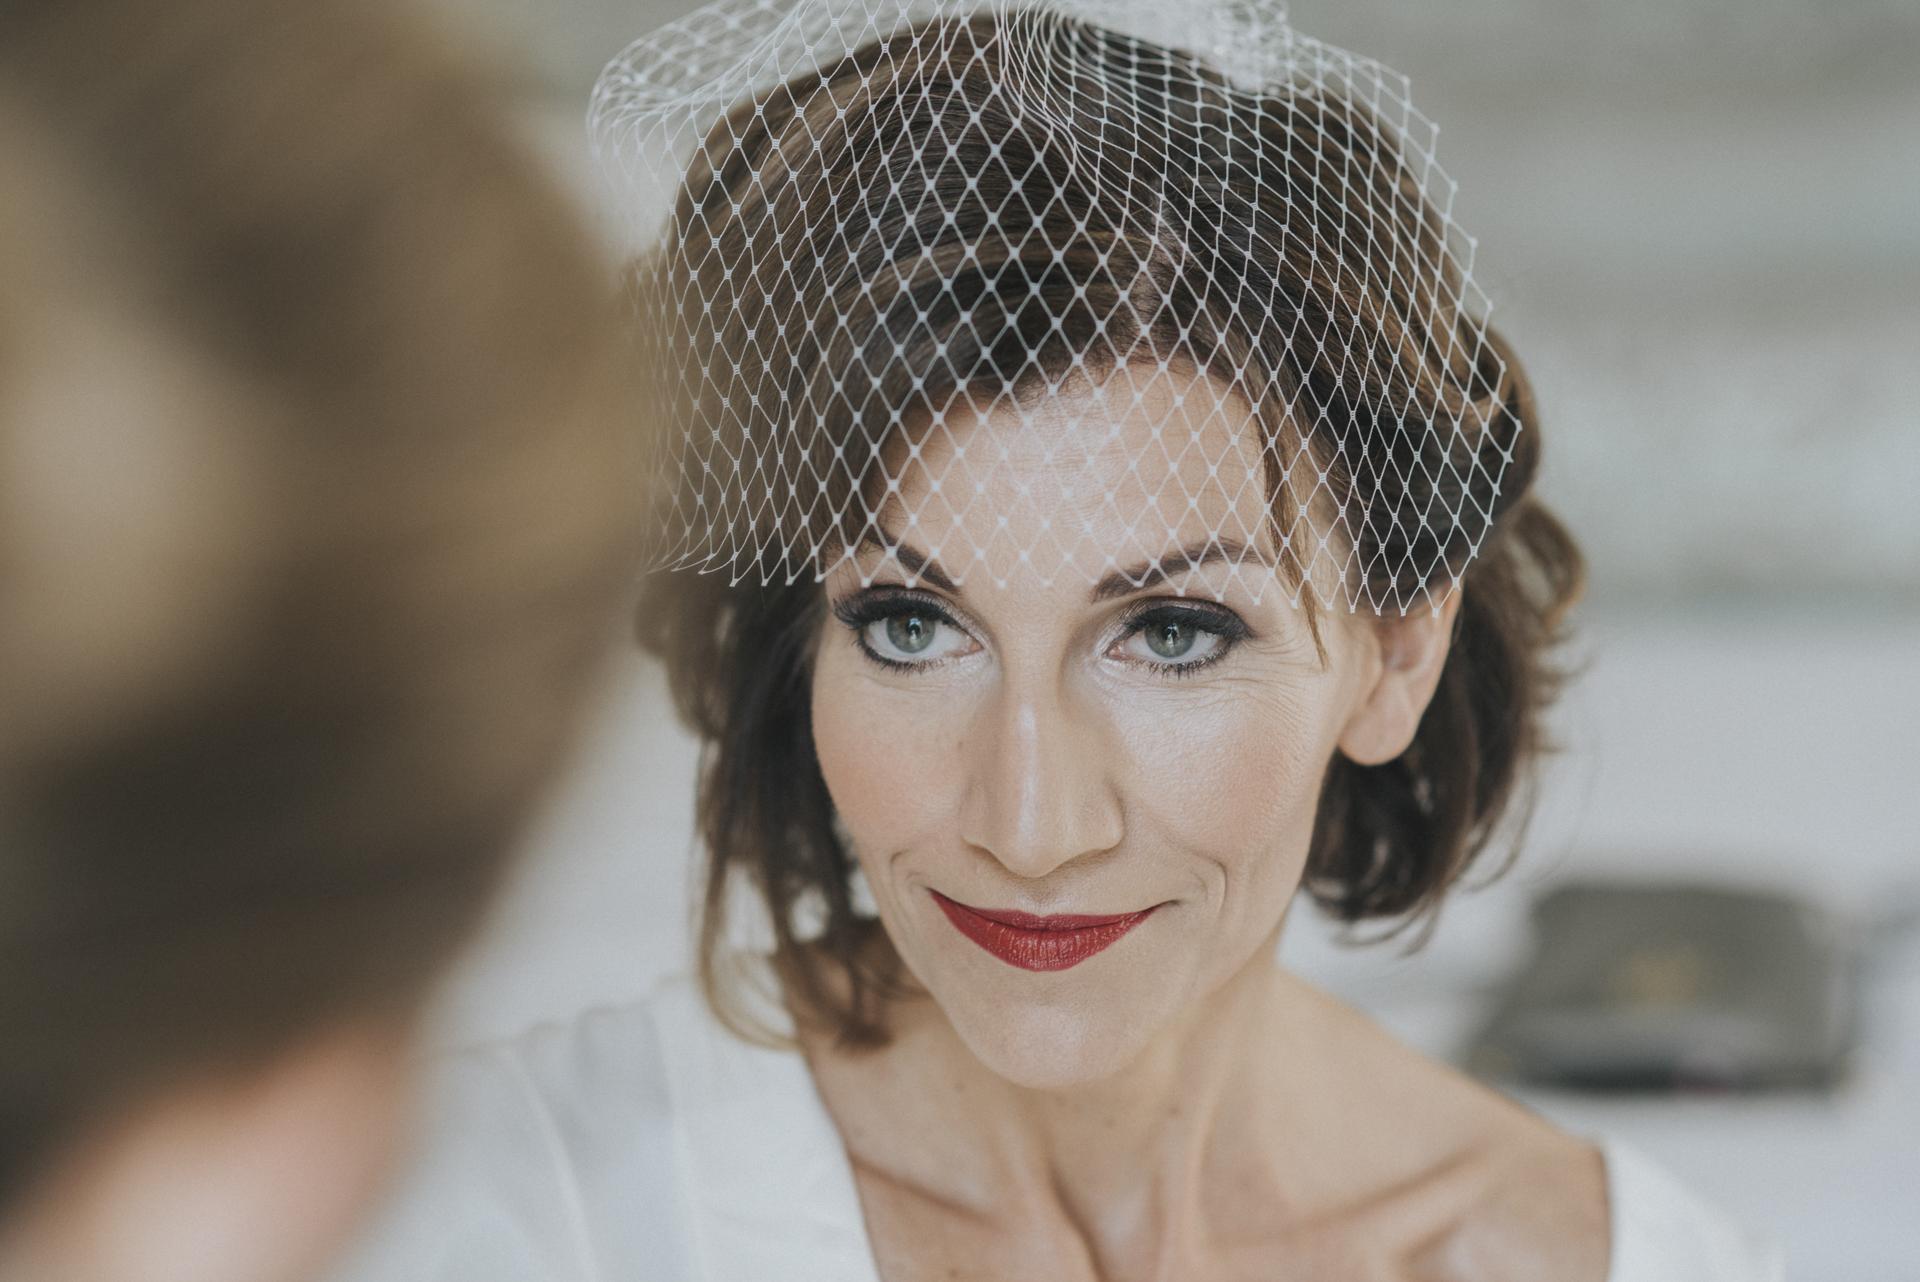 Imagen de la novia antes de casarse. Estaba tan tranquila y feliz de casarse con el hombre de su vida en Sorrento, Costa Amalfitana, Italia.